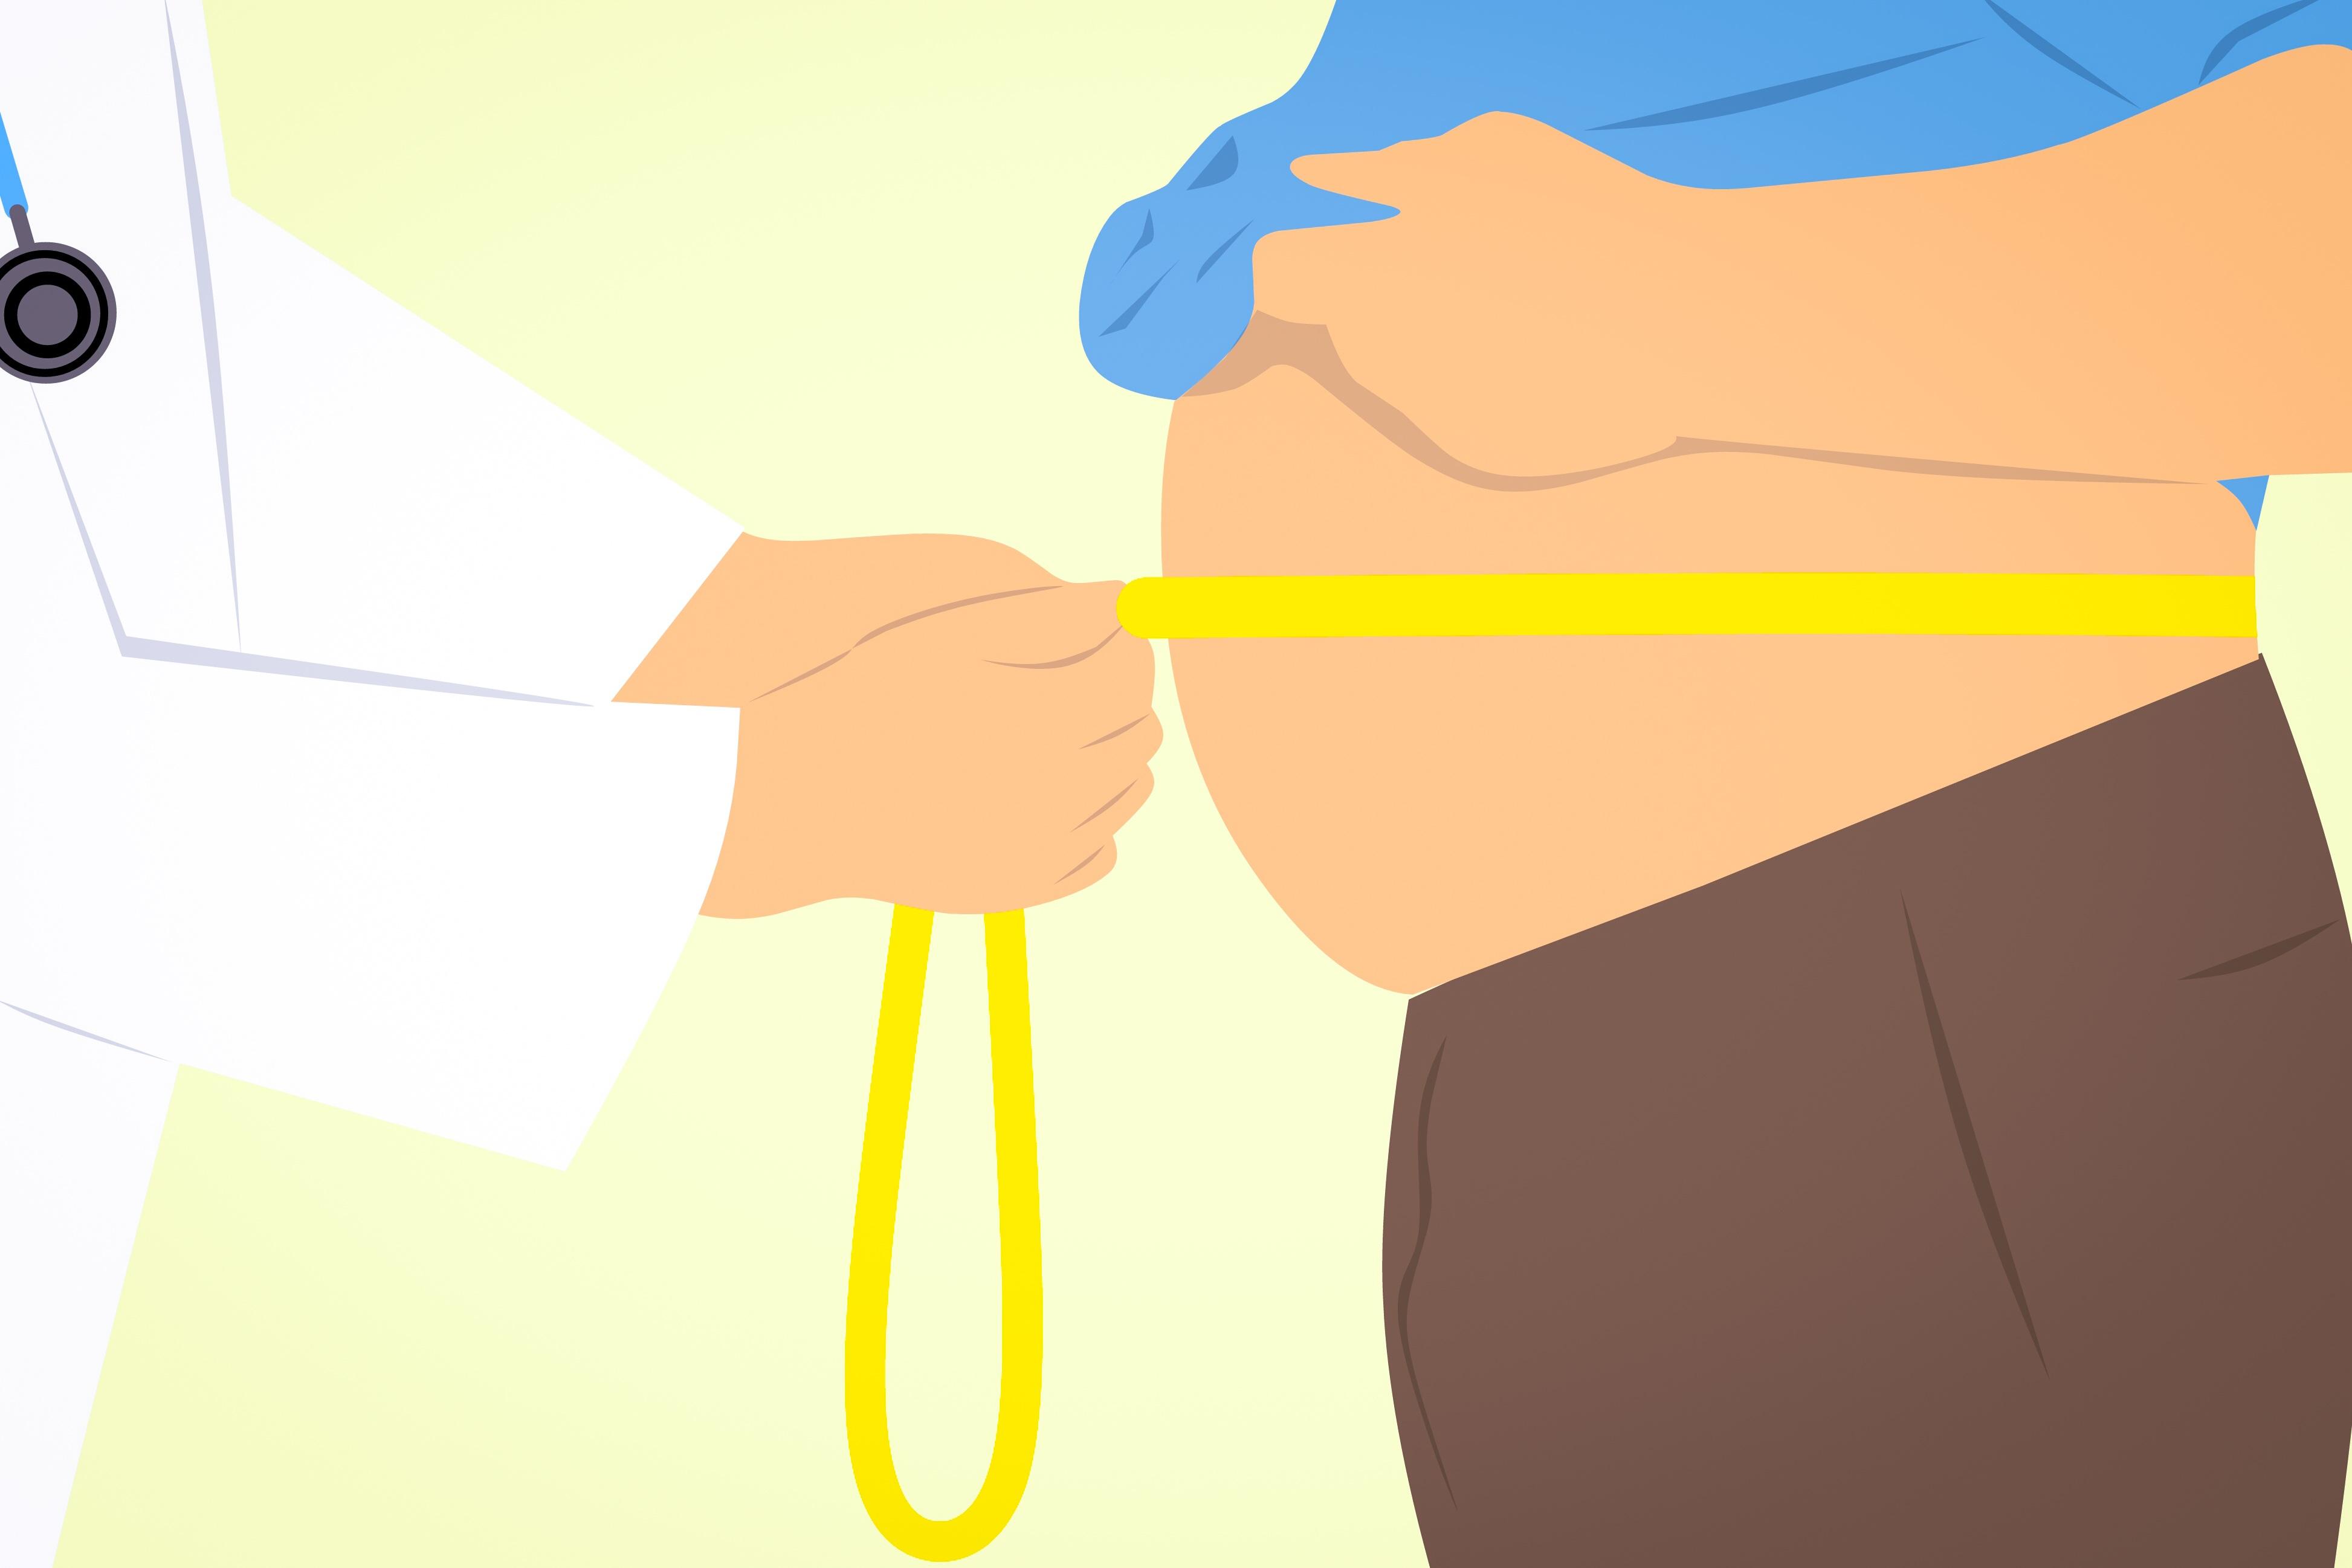 sfaturi de sănătate pentru pierderea în greutate cum să rămâi curvy, dar să slăbești